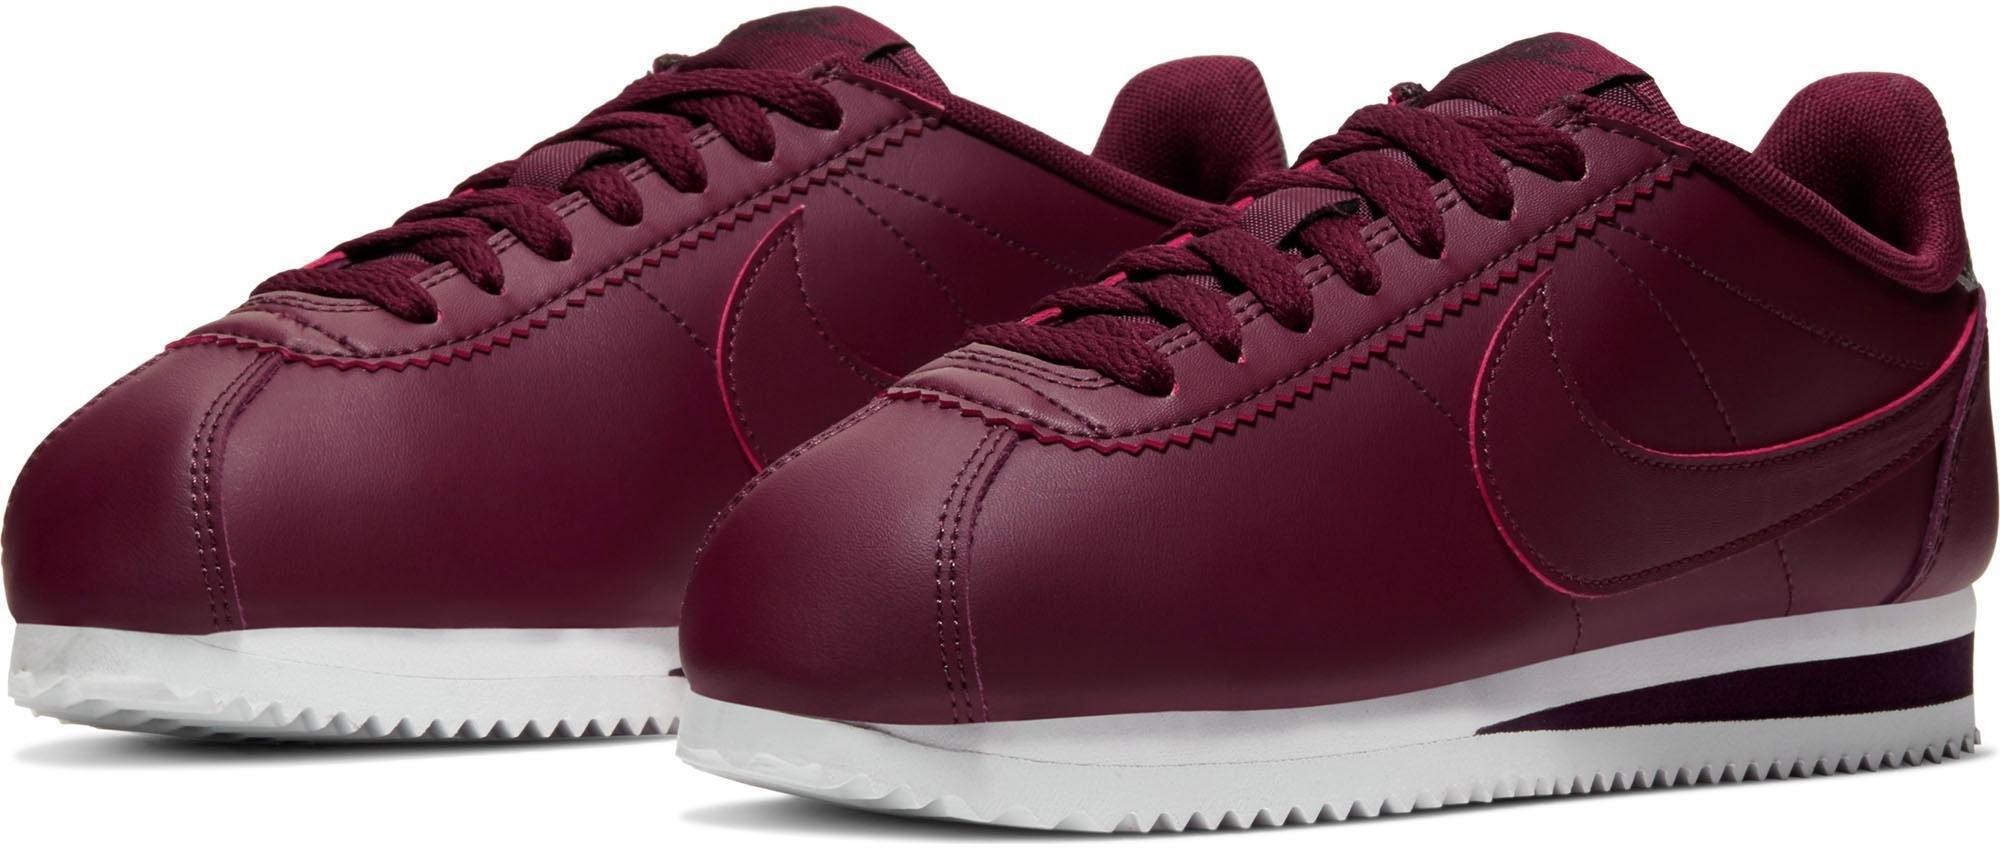 Nike Sportswear sneakers »Wmns Classic Cortez Leather« bestellen: 30 dagen bedenktijd